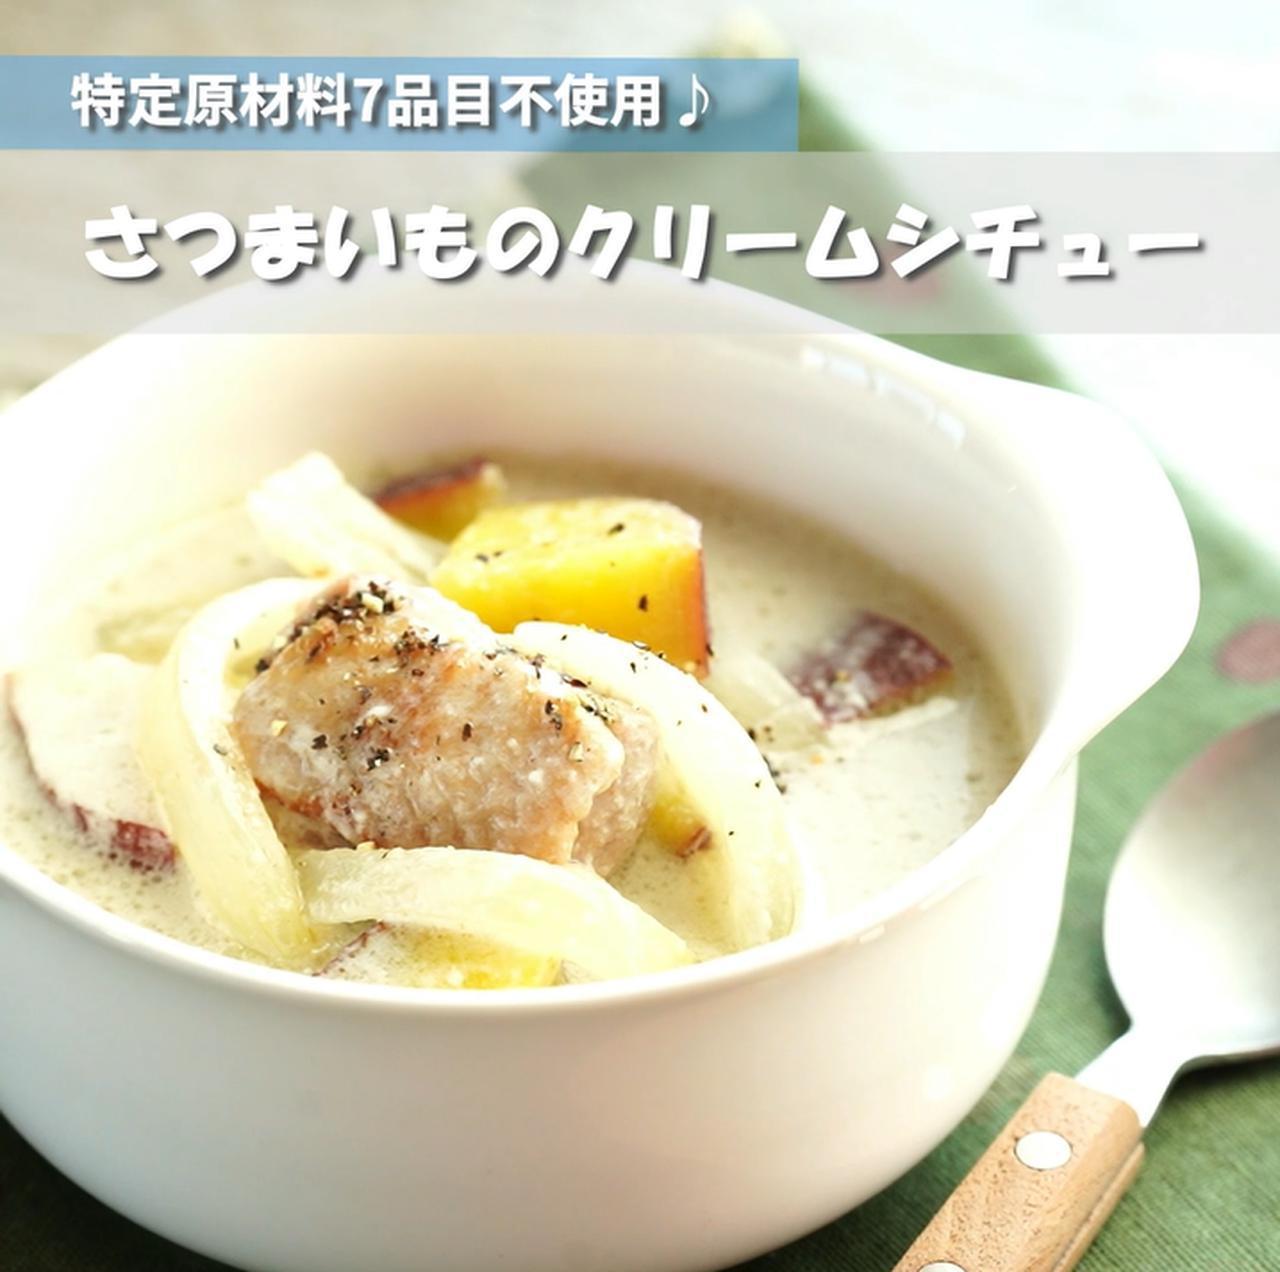 画像: ココナッツミルクで作るさつまいものクリームシチュー - 君とごはん